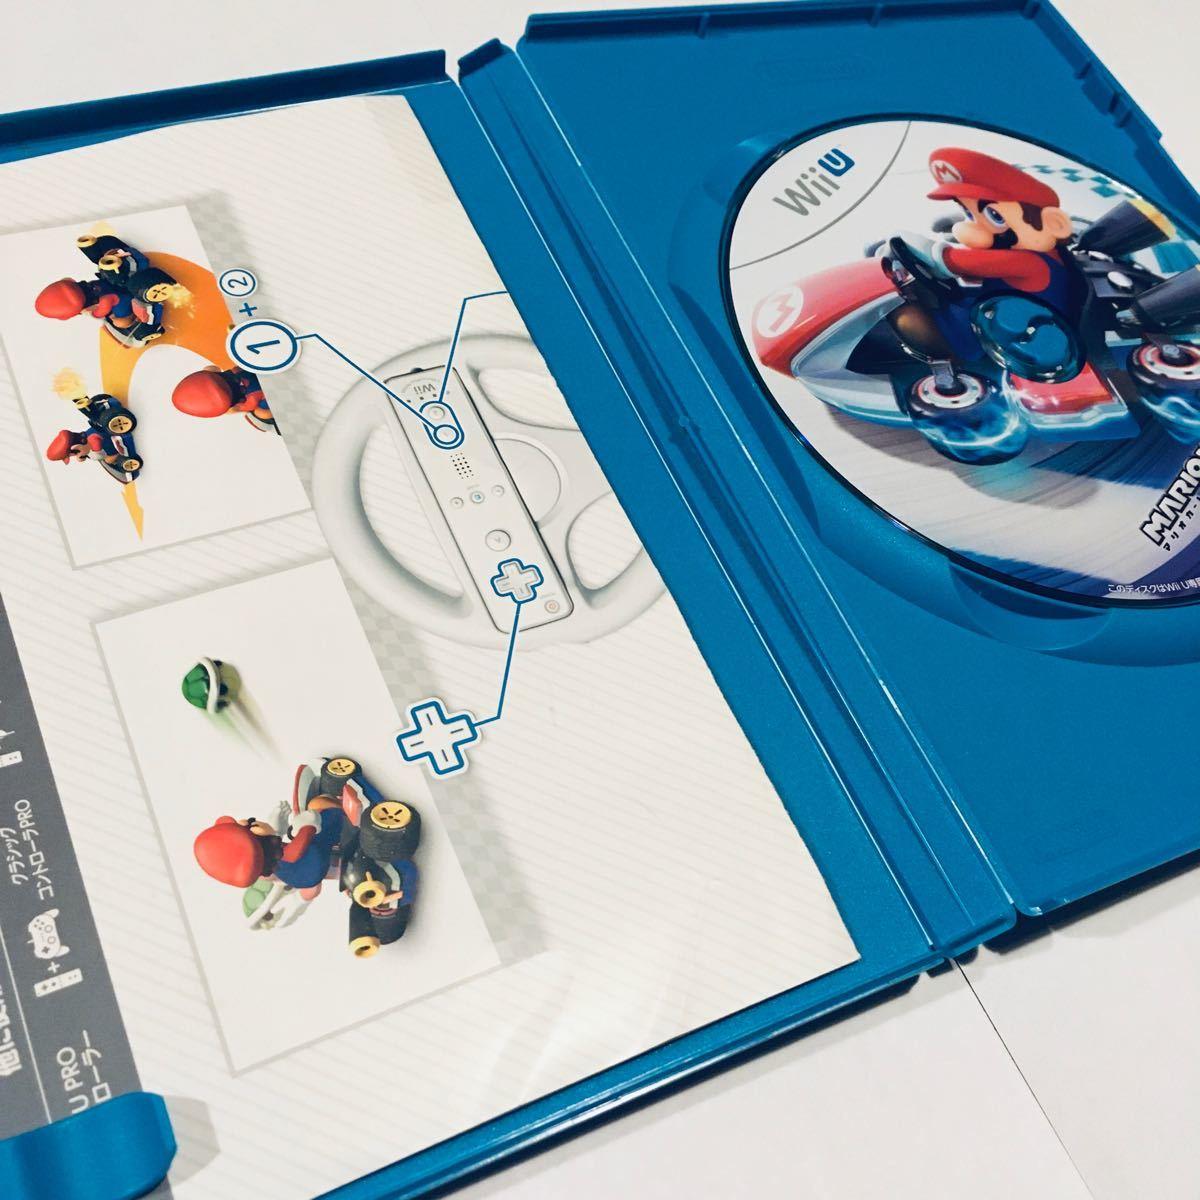 大乱闘スマッシュブラザーズ for Wii U マリオカート8 セット